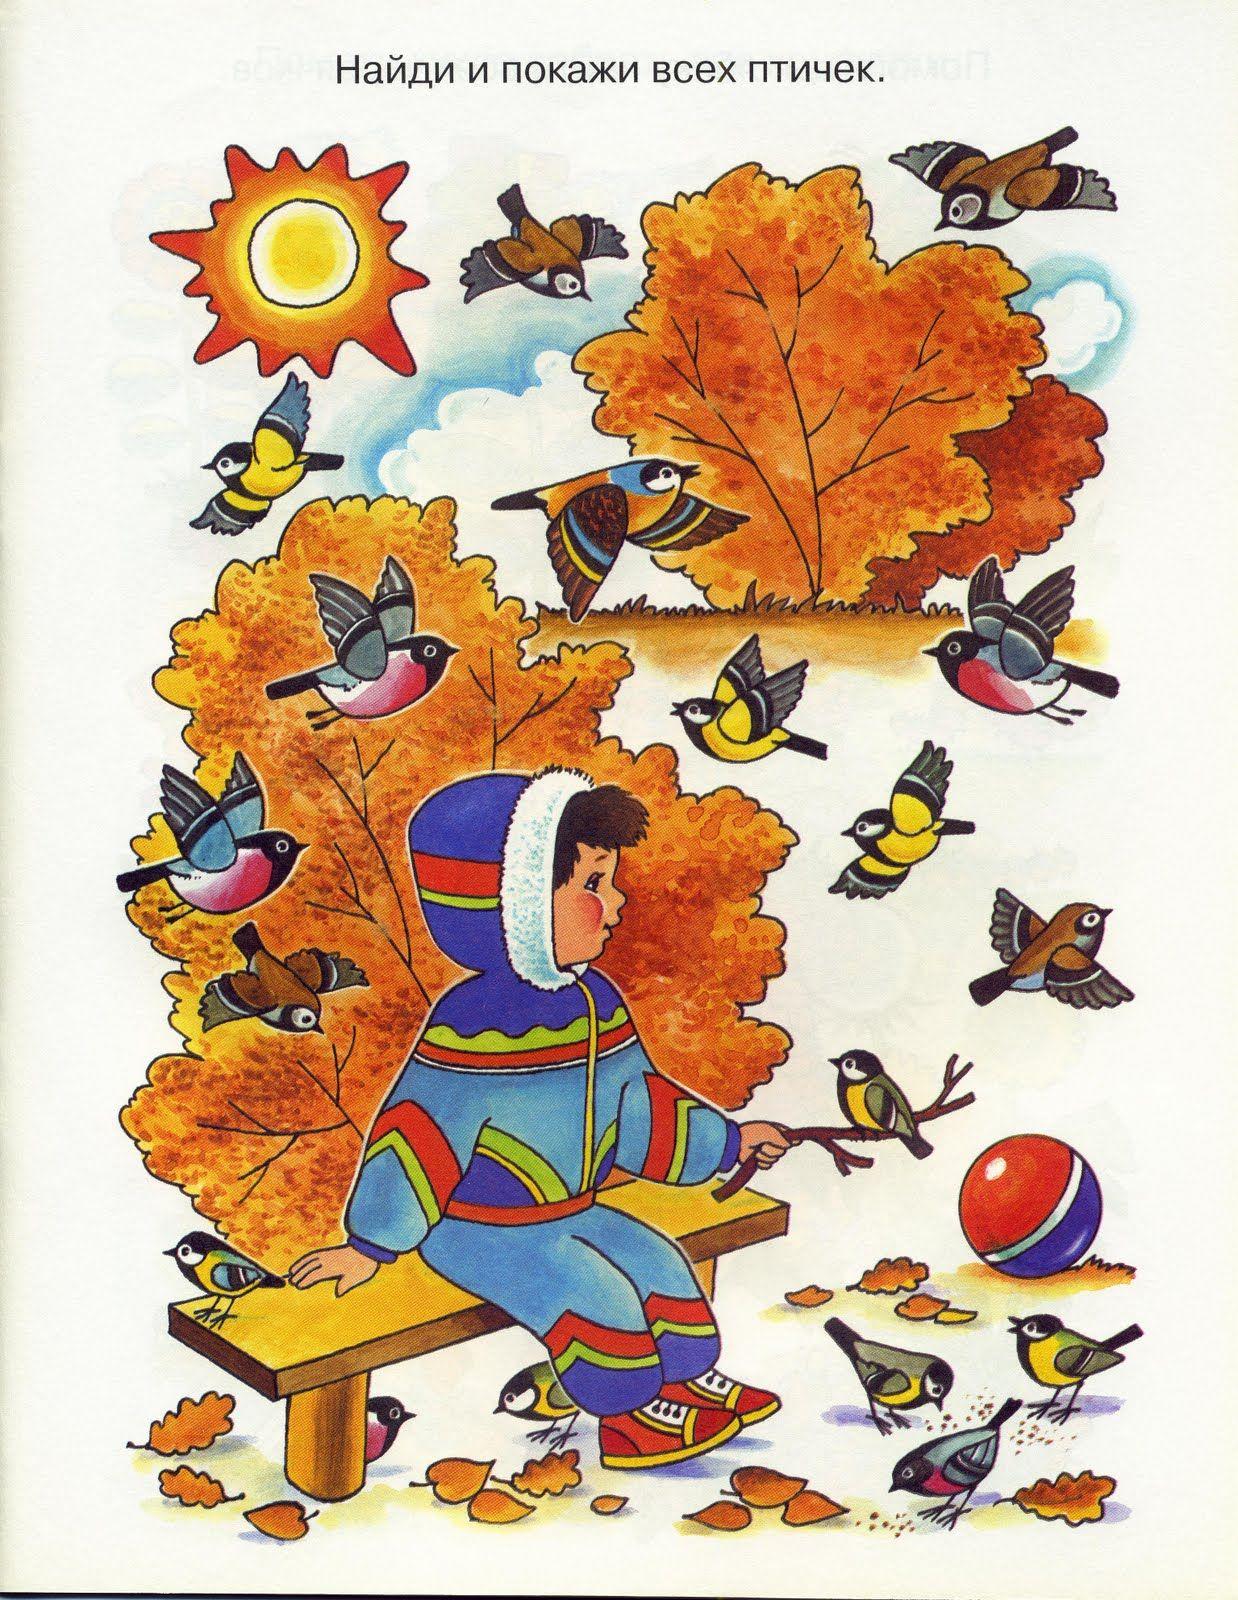 осень - дети играют, листопад, перелетные птицы Child ...